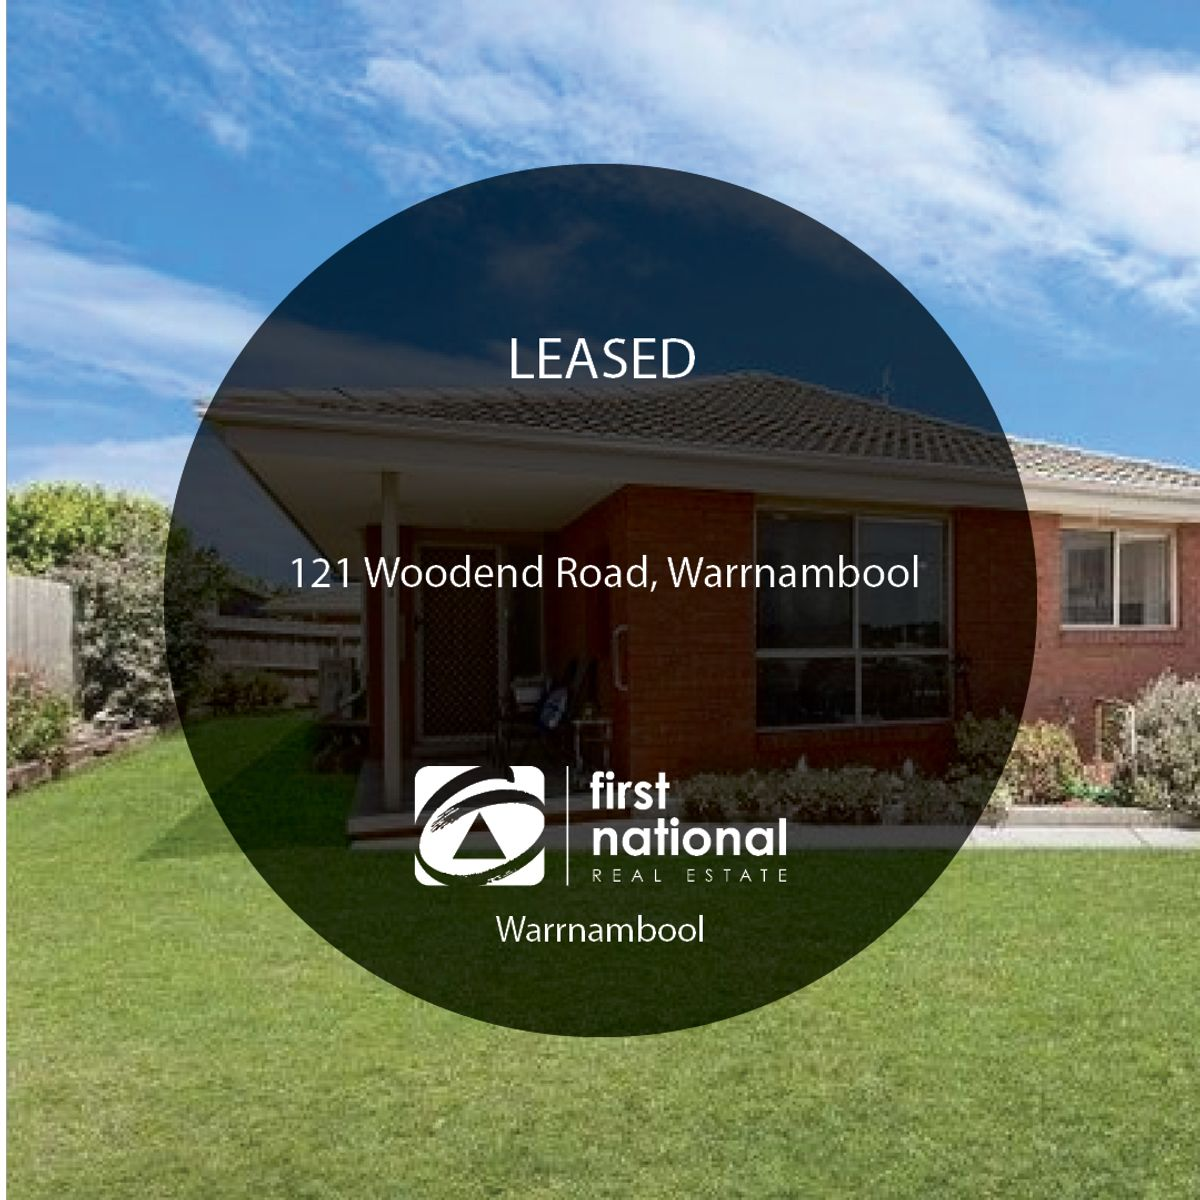 121 Woodend Road, Warrnambool, VIC 3280